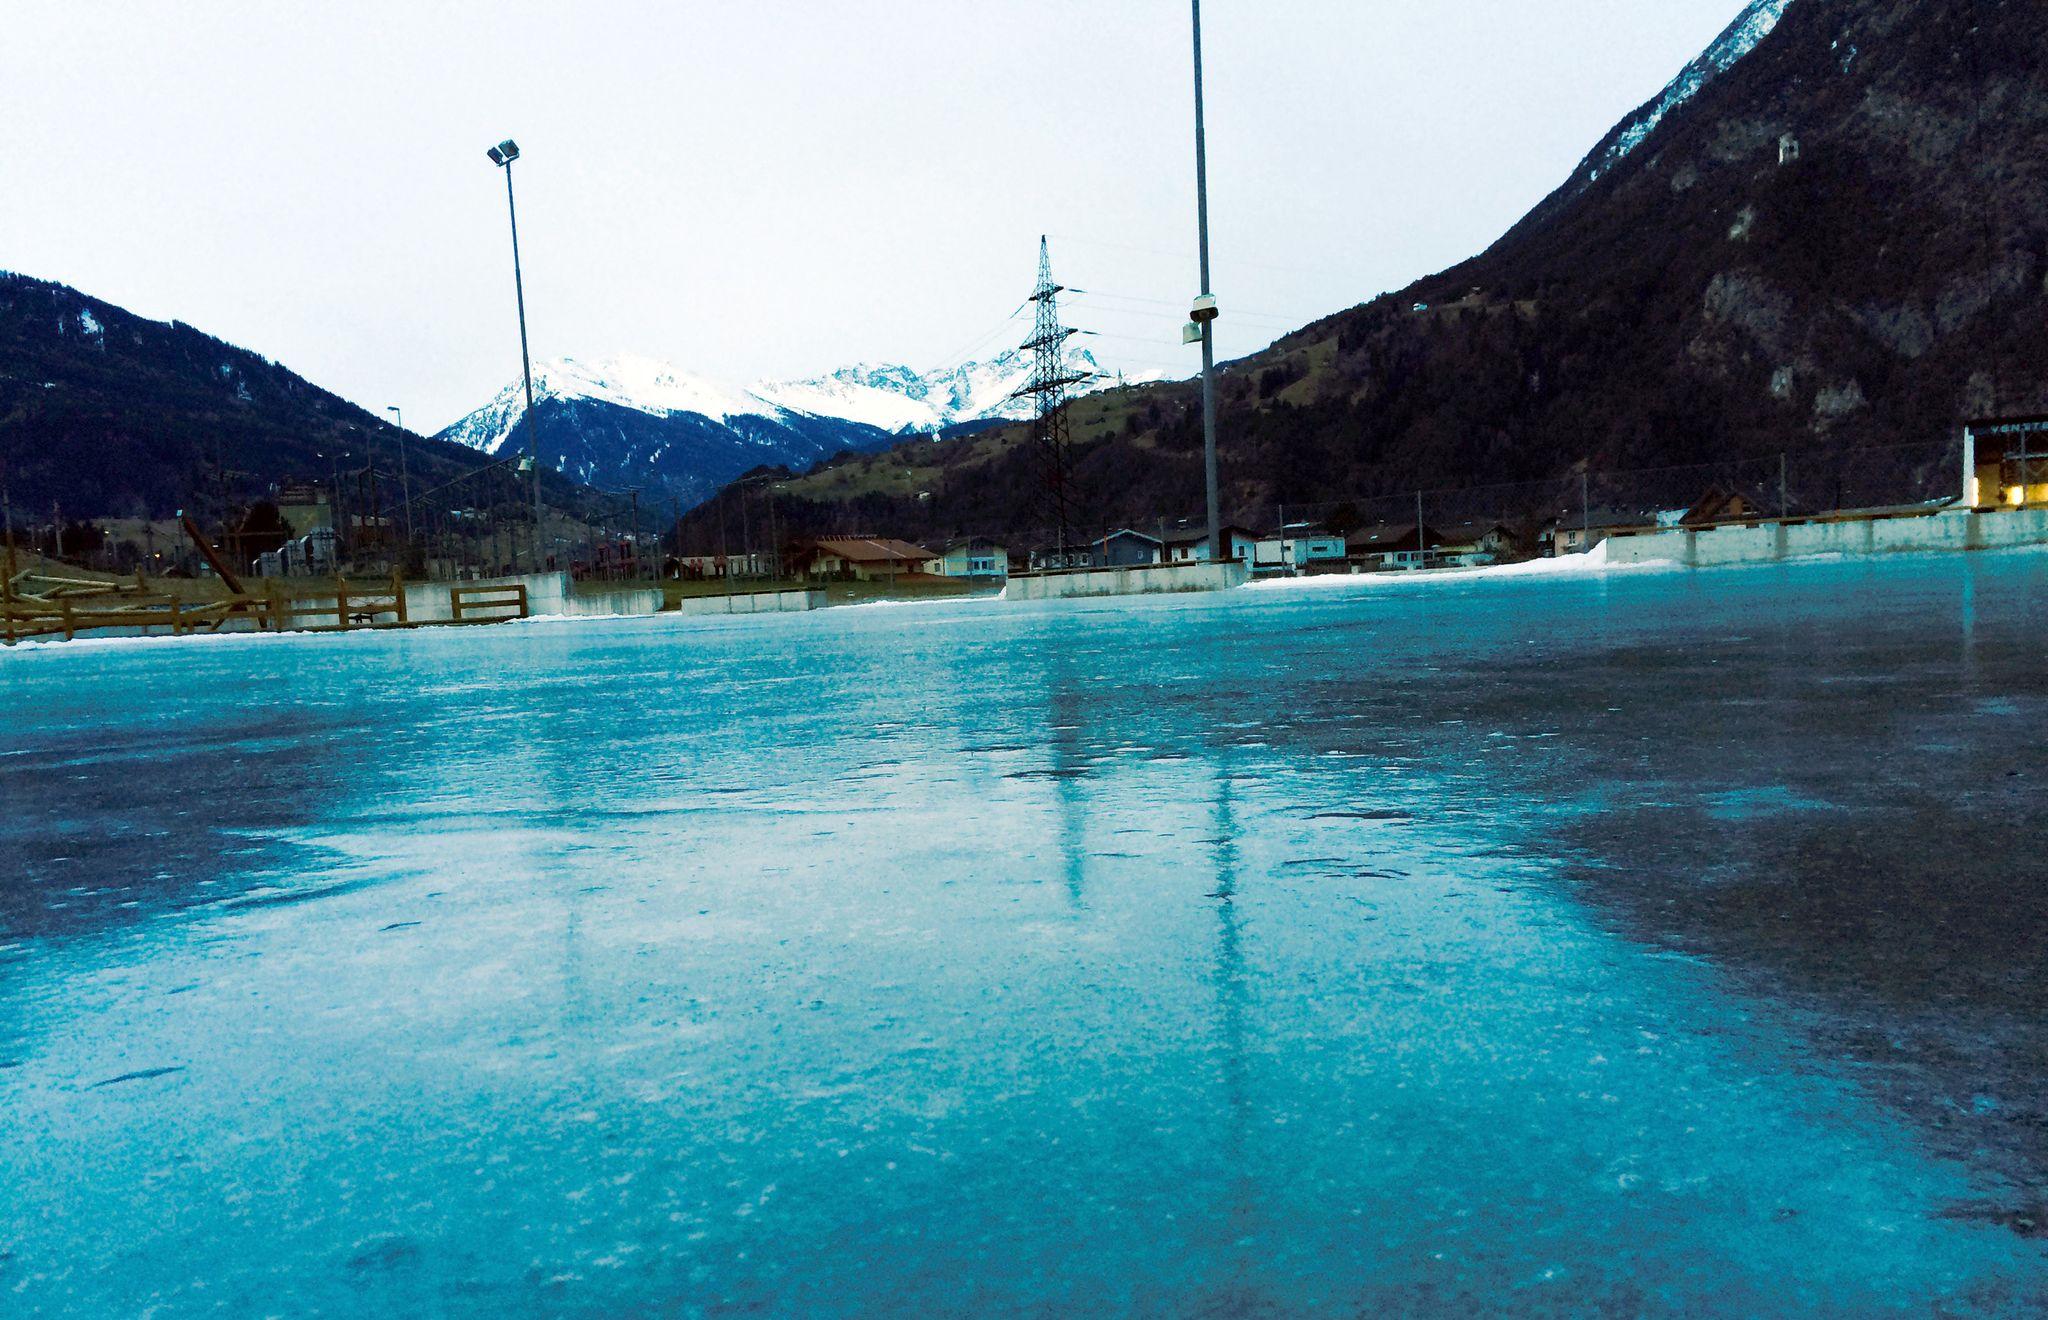 Eislaufplatz Riefe - Zams